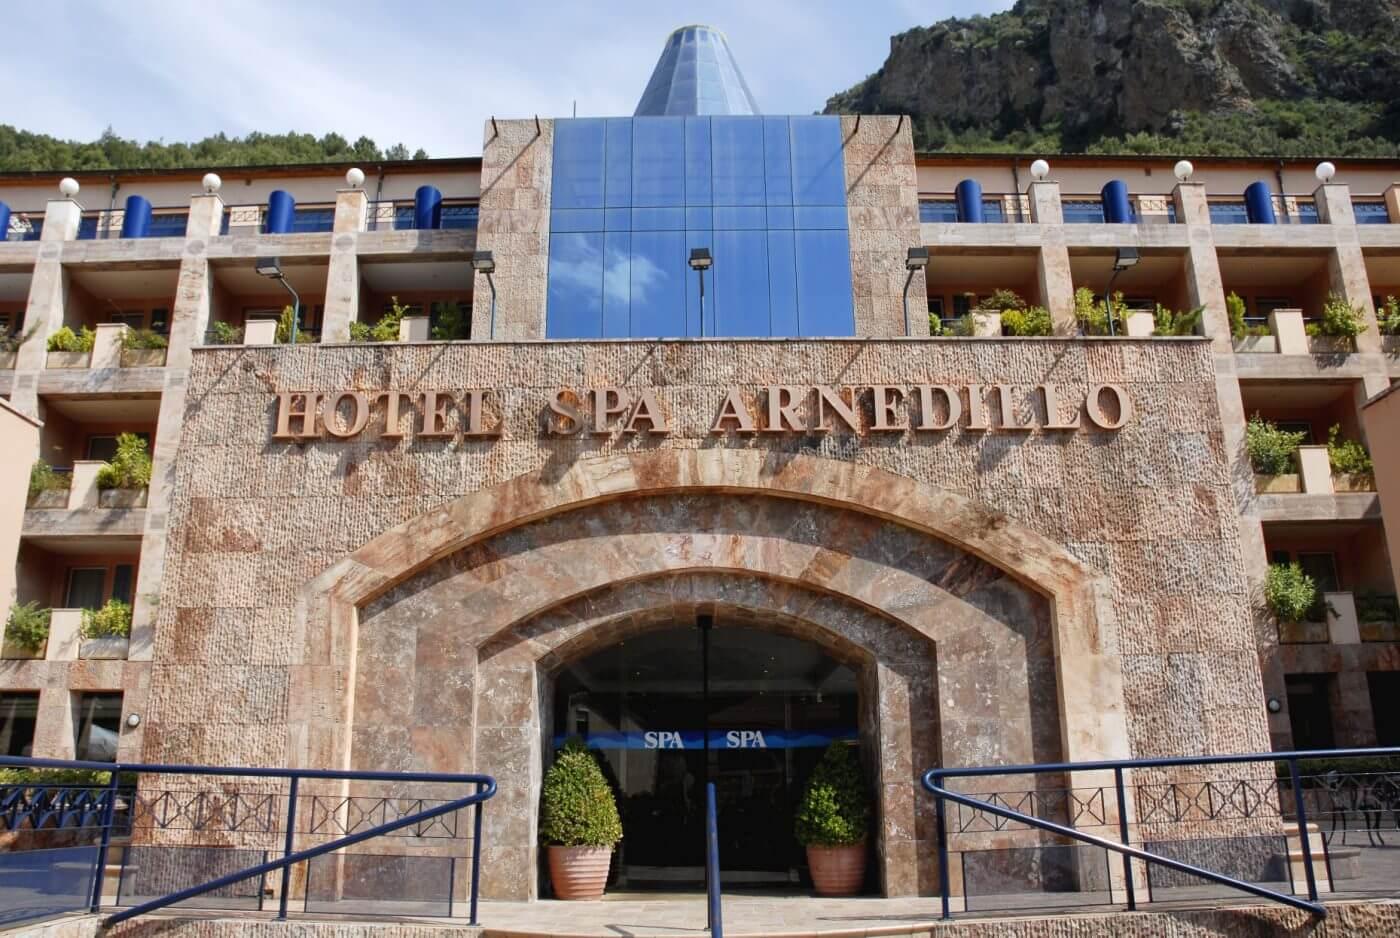 El balneario de Arnedillo reabre este jueves 18 de marzo con una campaña de captación del cliente riojano